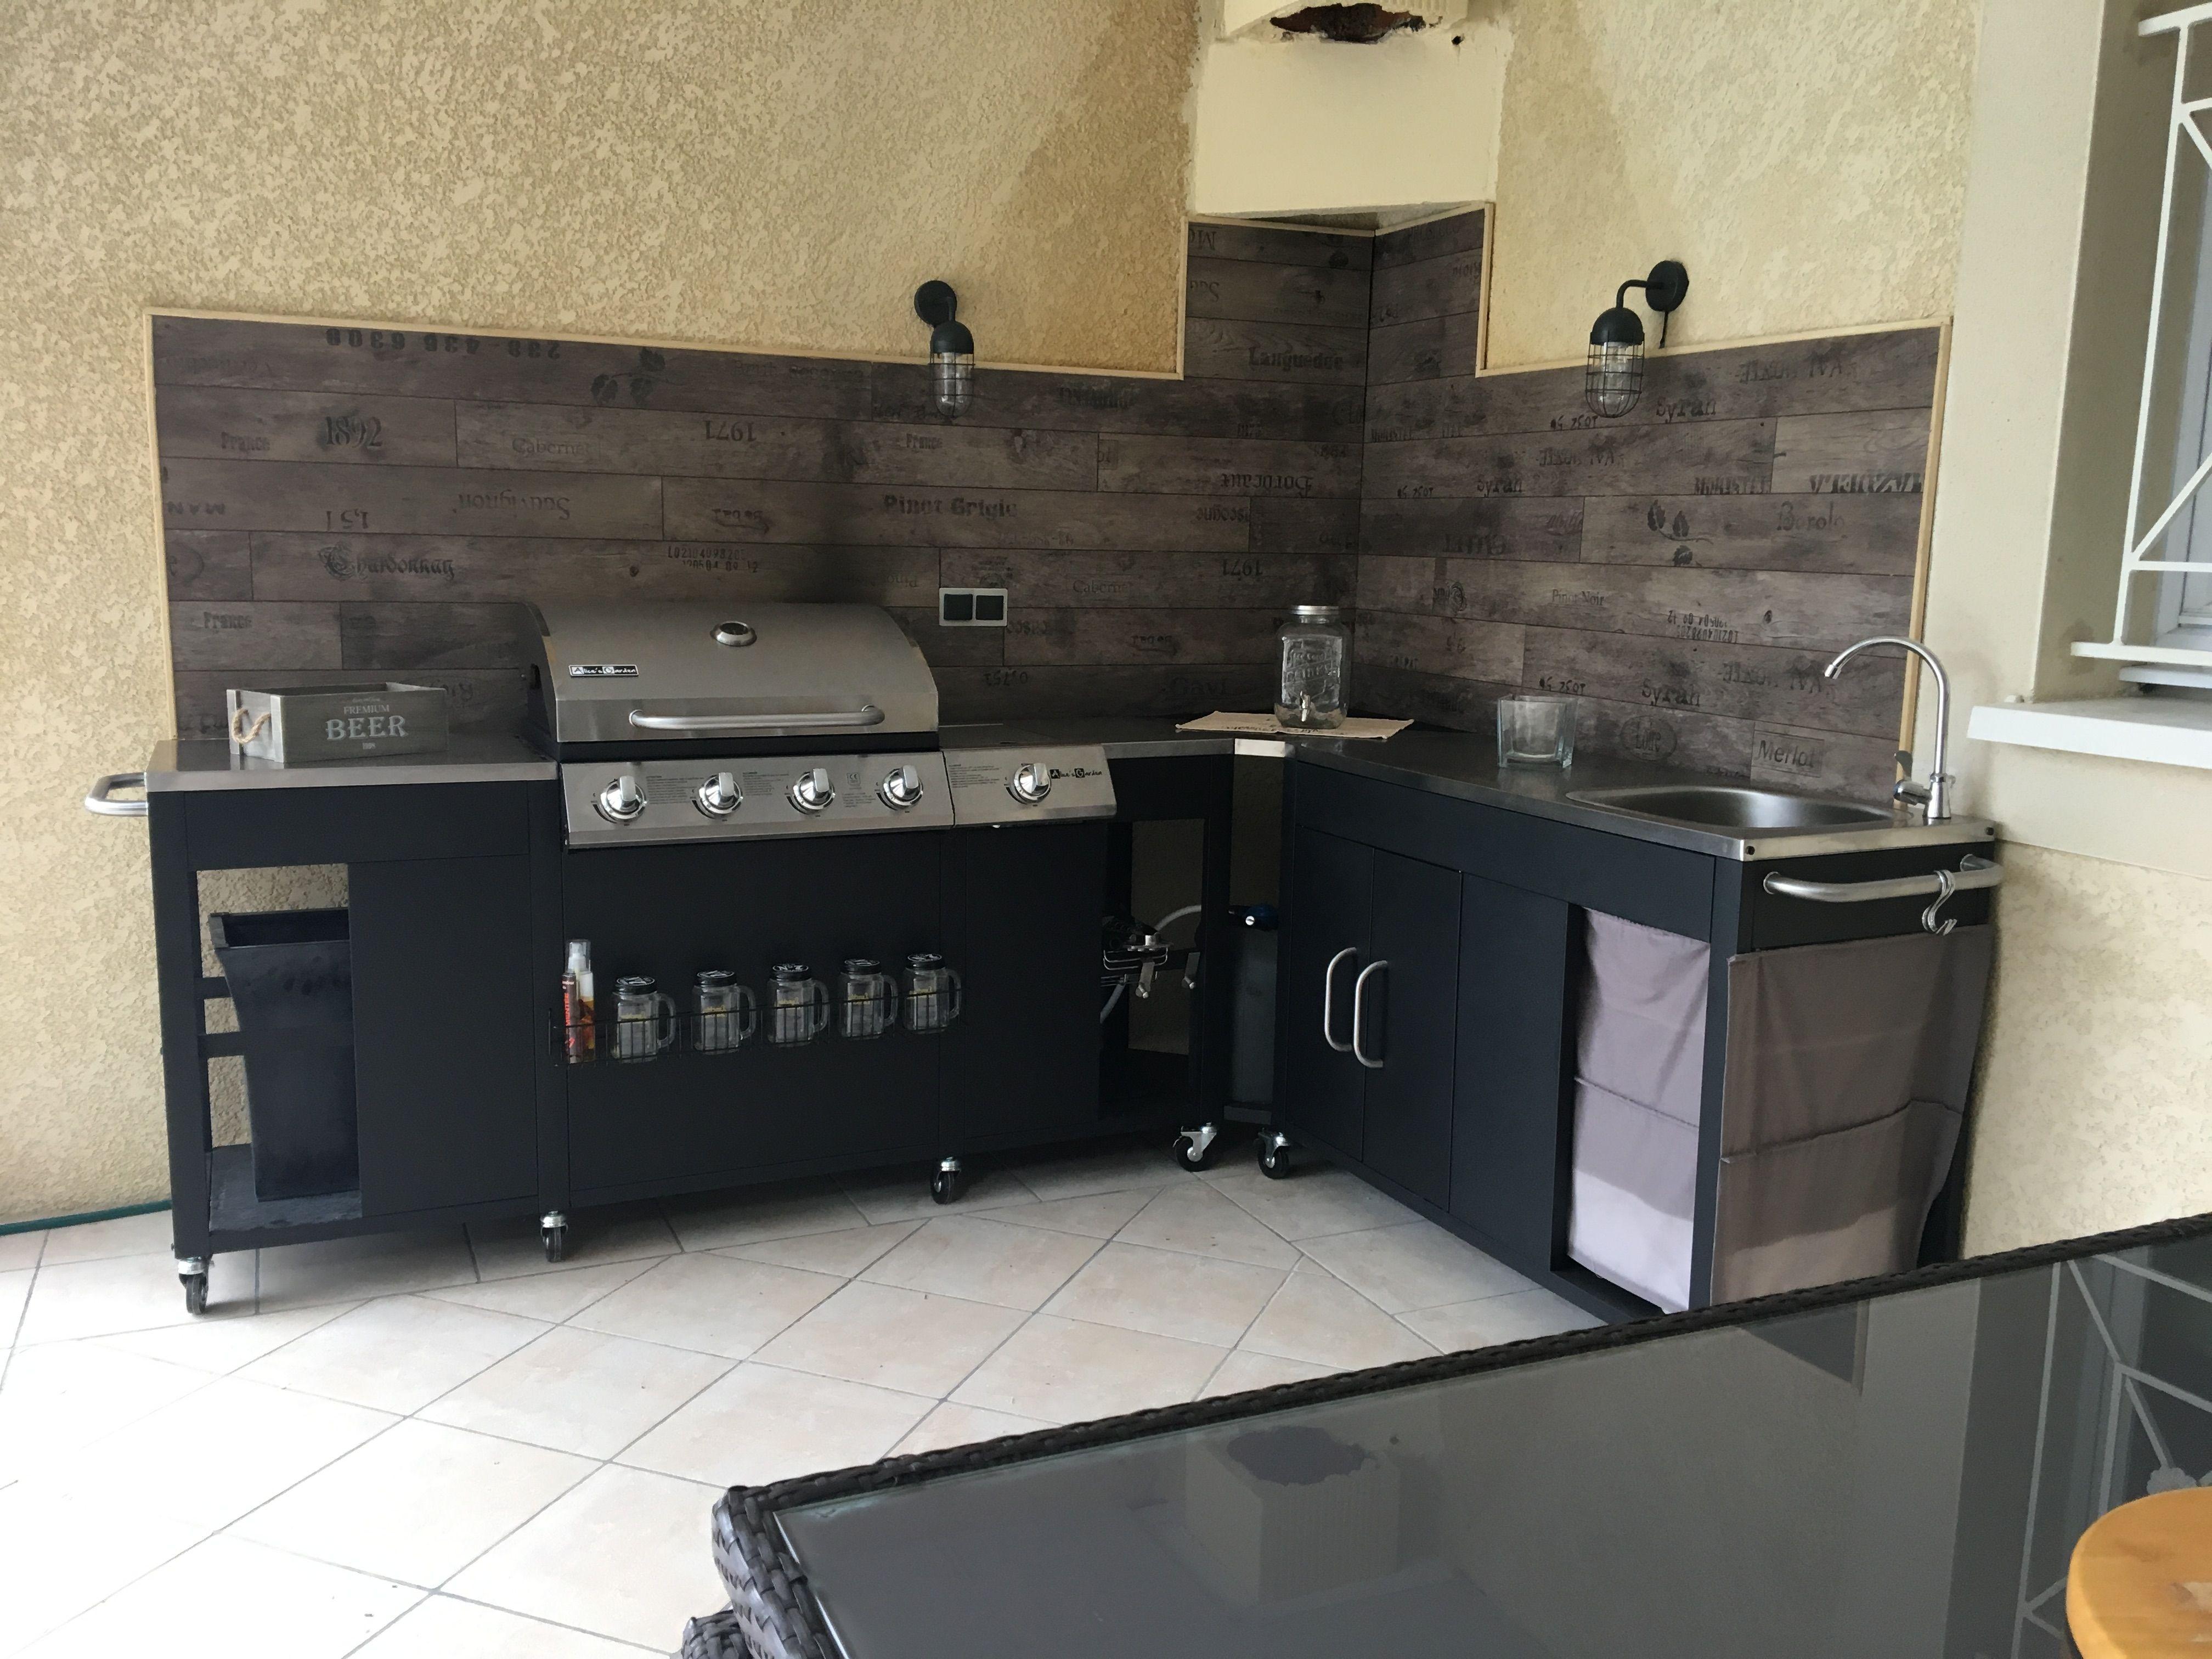 rochefort barbecue au gaz 5 br leurs avec vier planche ustensiles plan de travail et. Black Bedroom Furniture Sets. Home Design Ideas